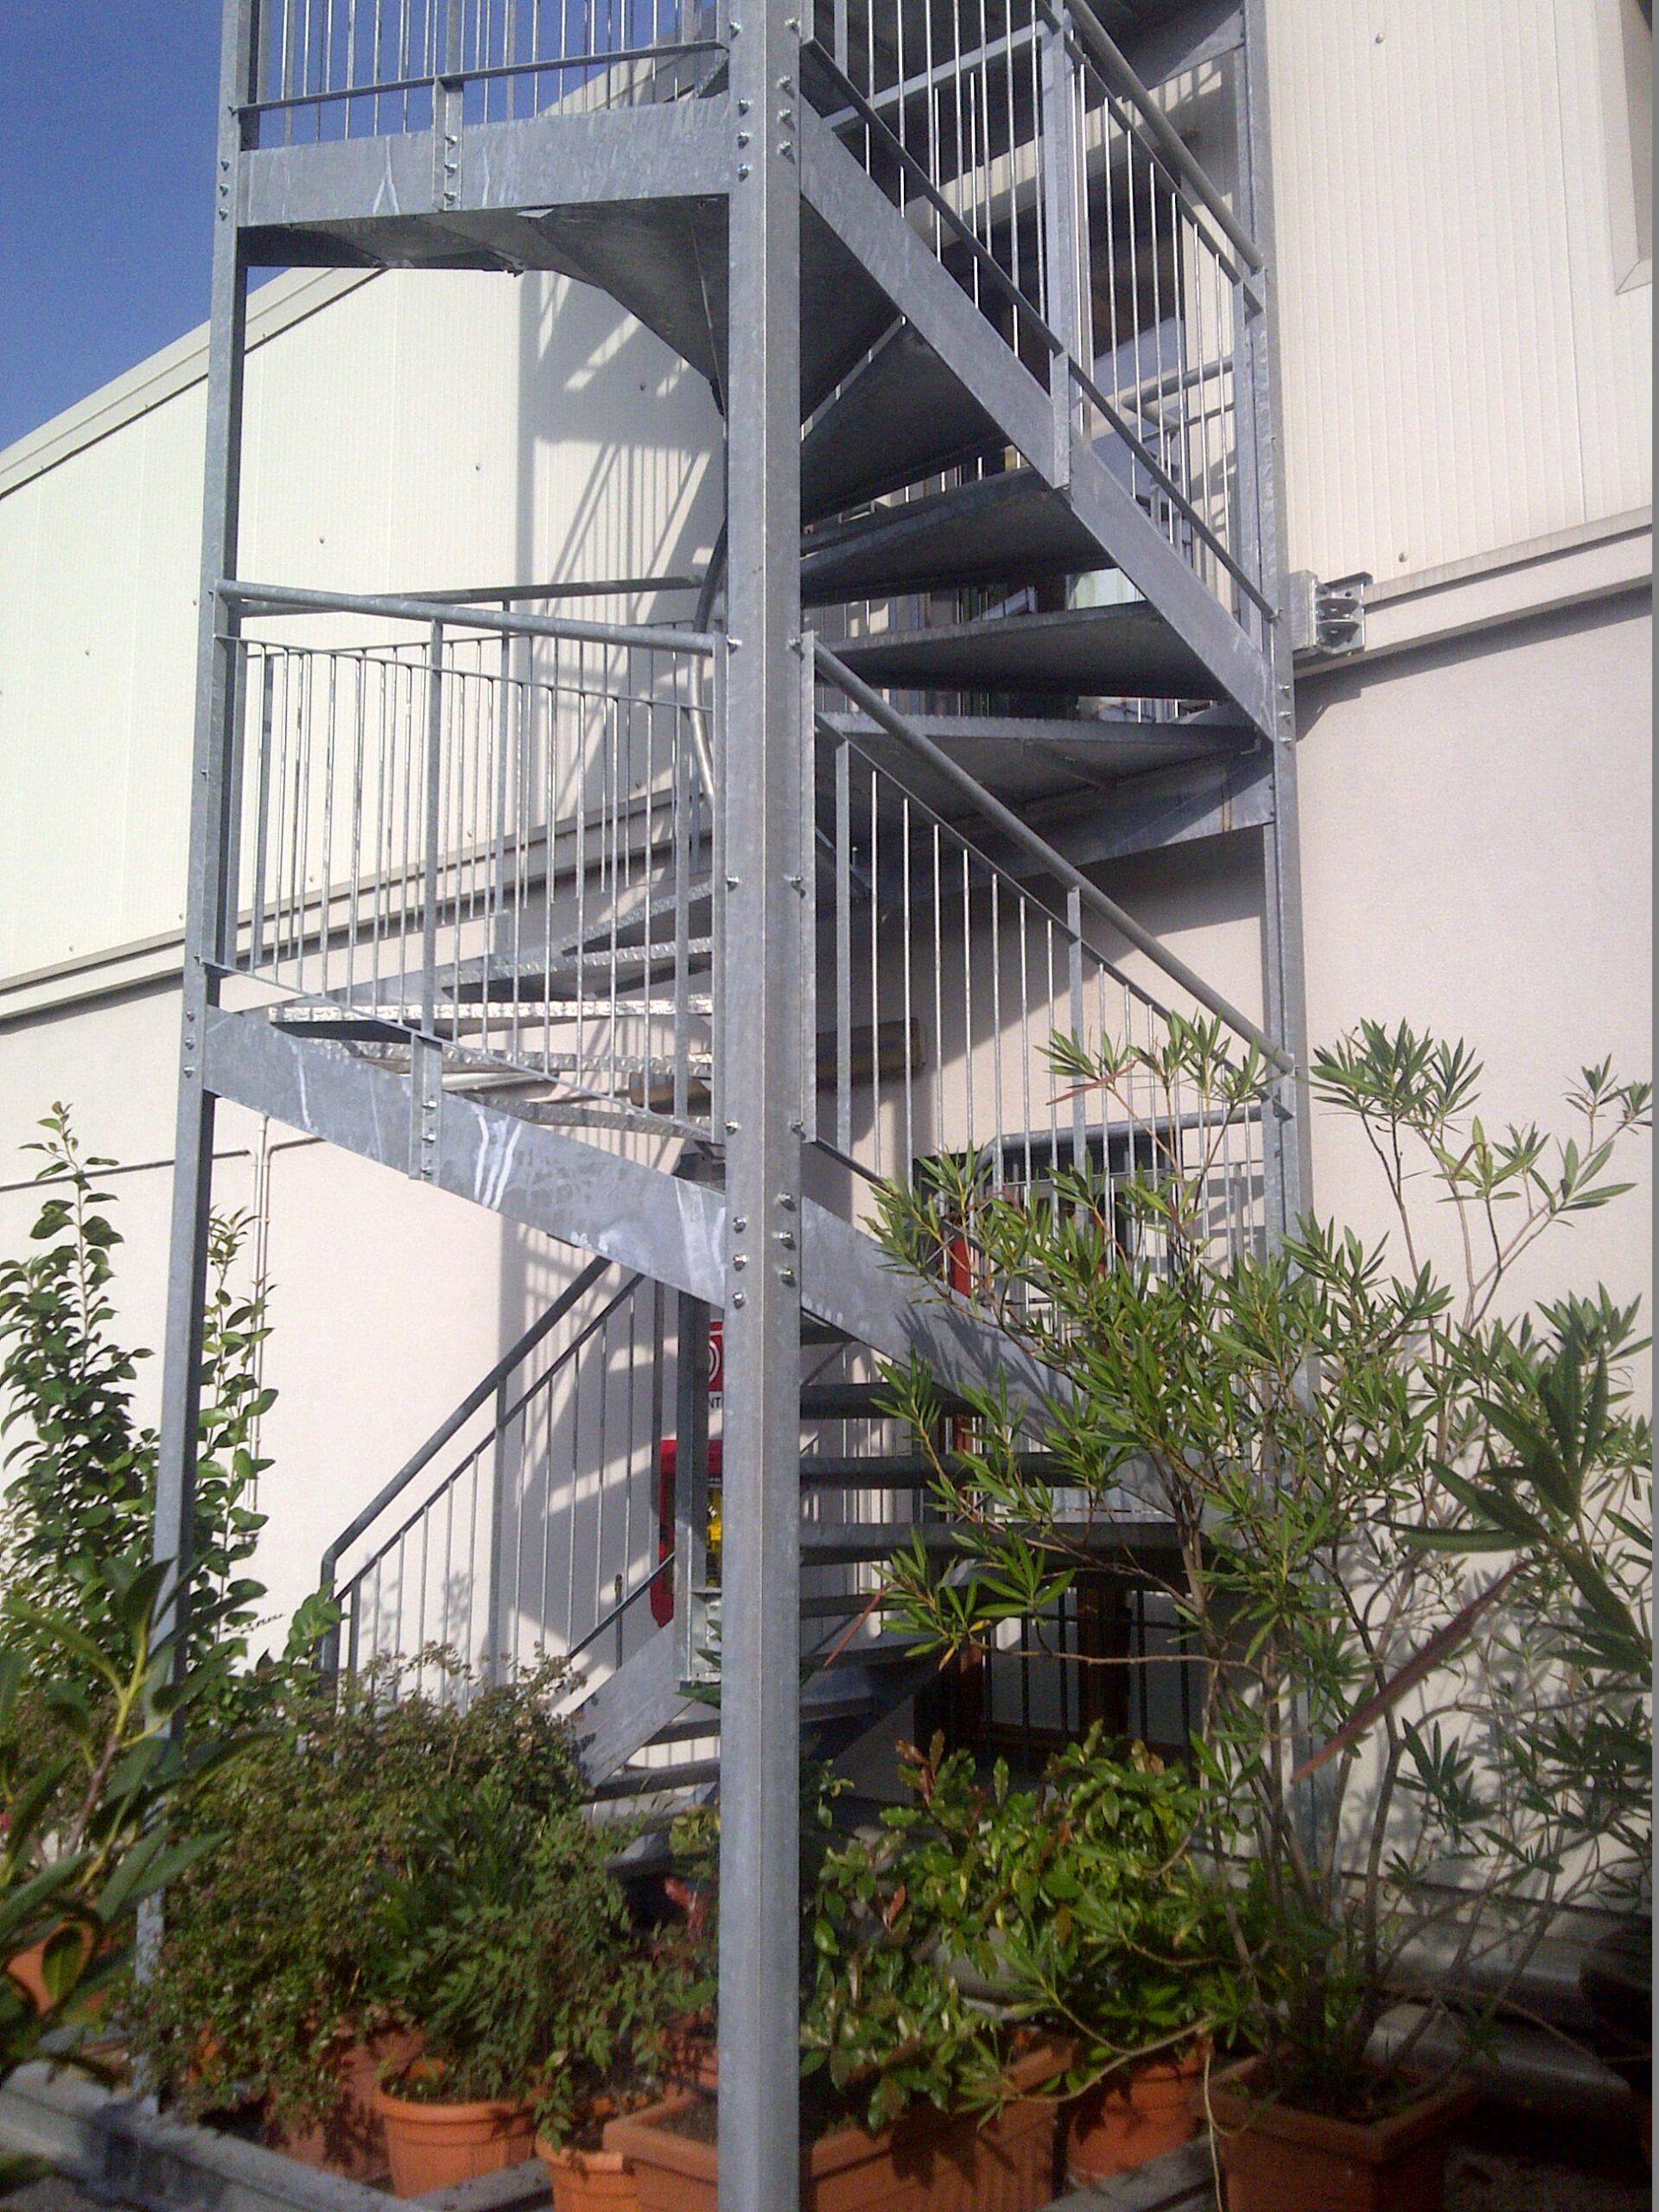 2. Particolare di scala di sicurezza esterna antincendio in profili di acciaio zincato a caldo e collegati tramite bullonature: lavori ultimati.